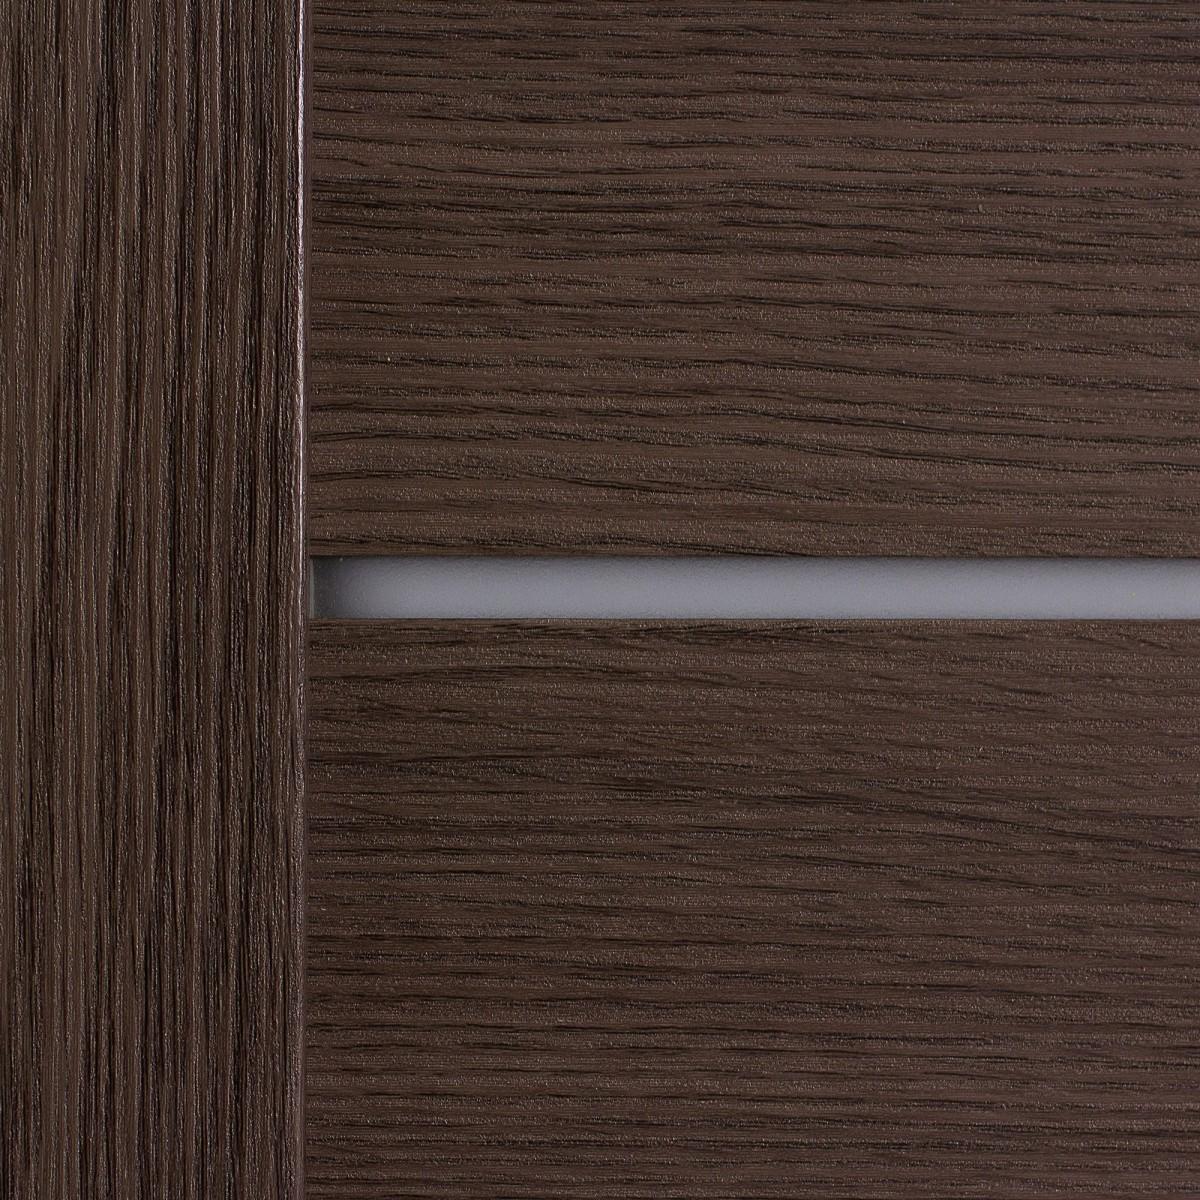 Дверь Межкомнатная Глухая Ницца 90x200 Пвх Цвет Дуб Неаполь С Фурнитурой